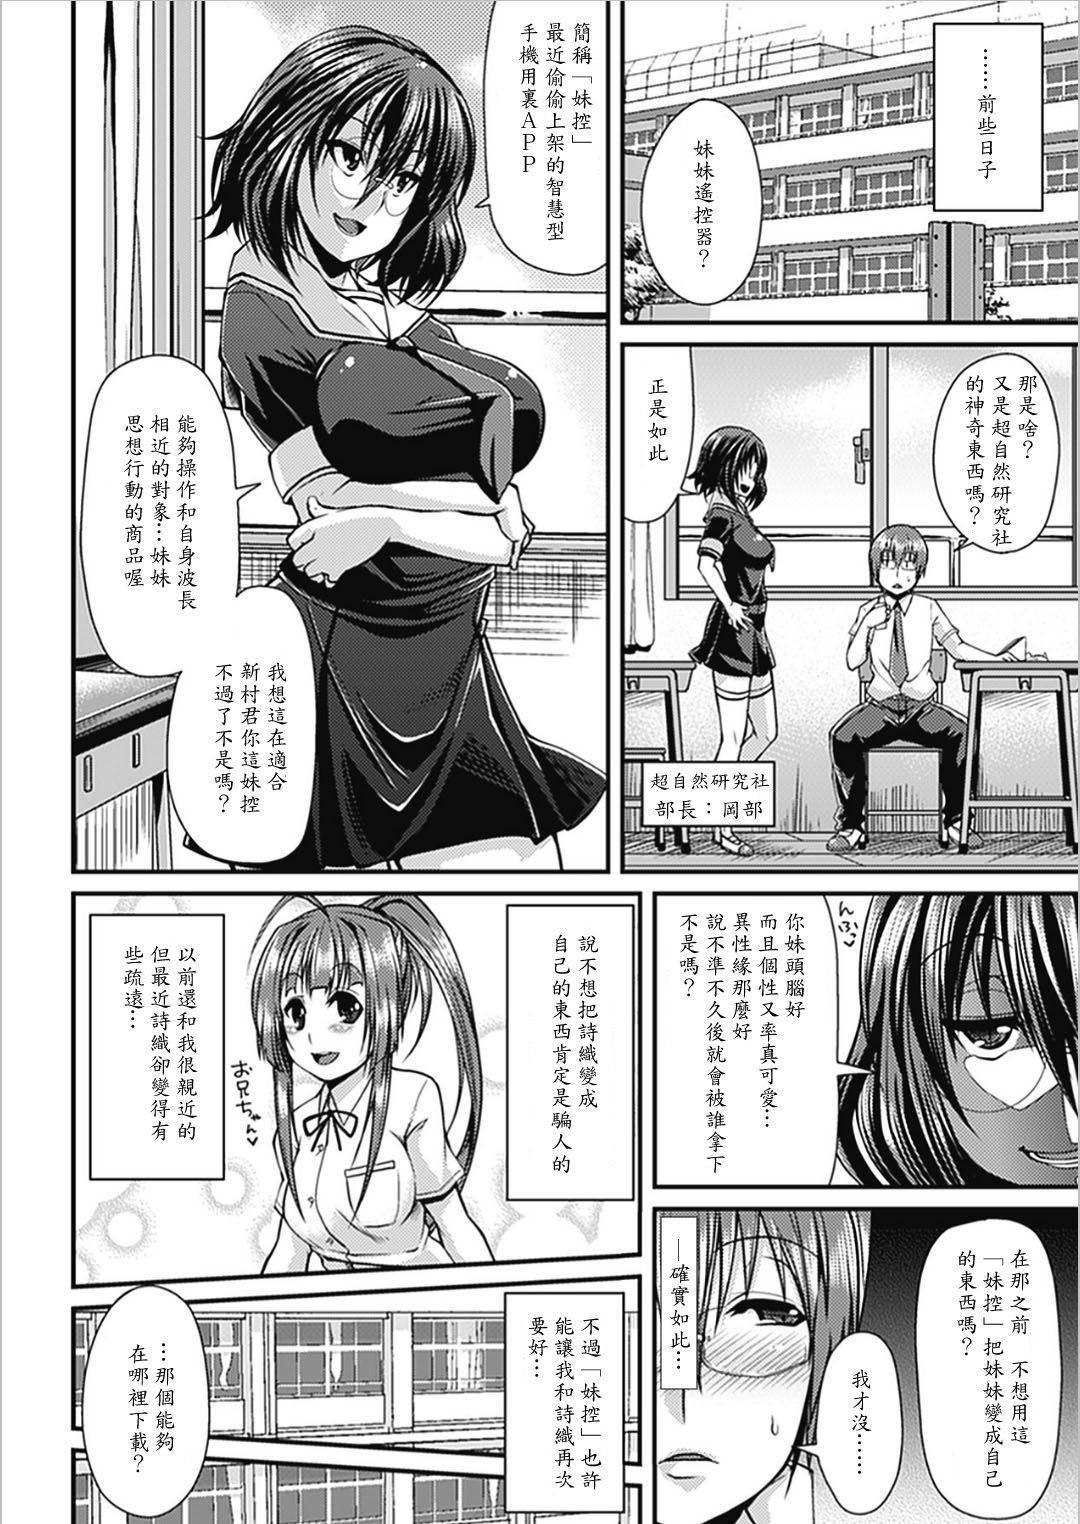 [Satsuki Imonet] ImoCon -imo-to controller- (Bessatsu Comic Unreal Chounouryoku de Yaritai Houdai Vol. 1) [Chinese] [Digital] 1